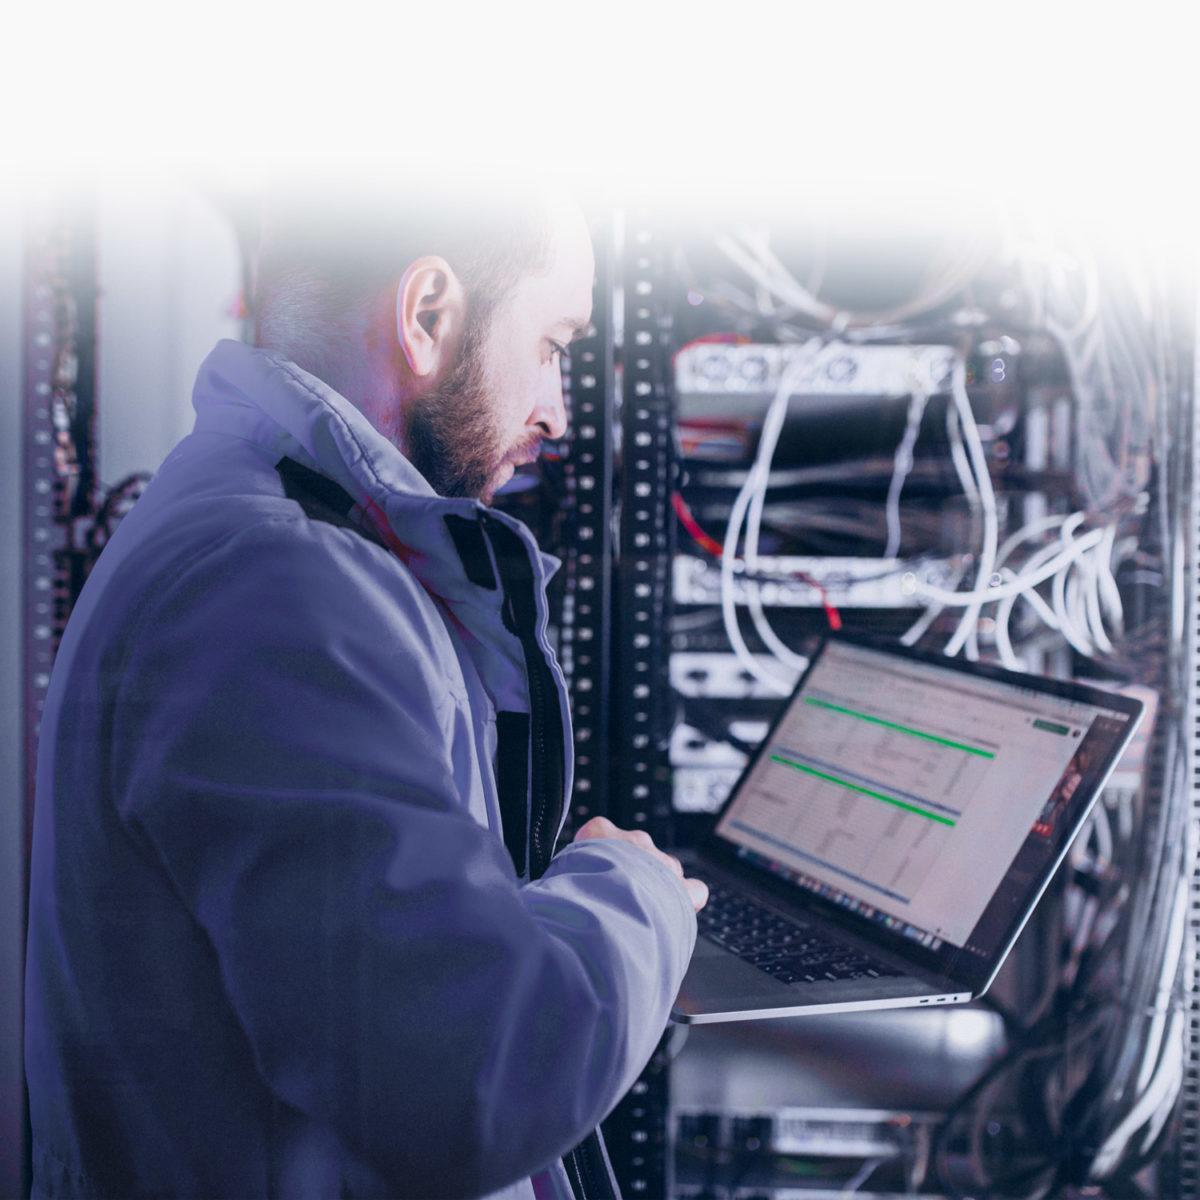 Monitorizare sisteme hardware